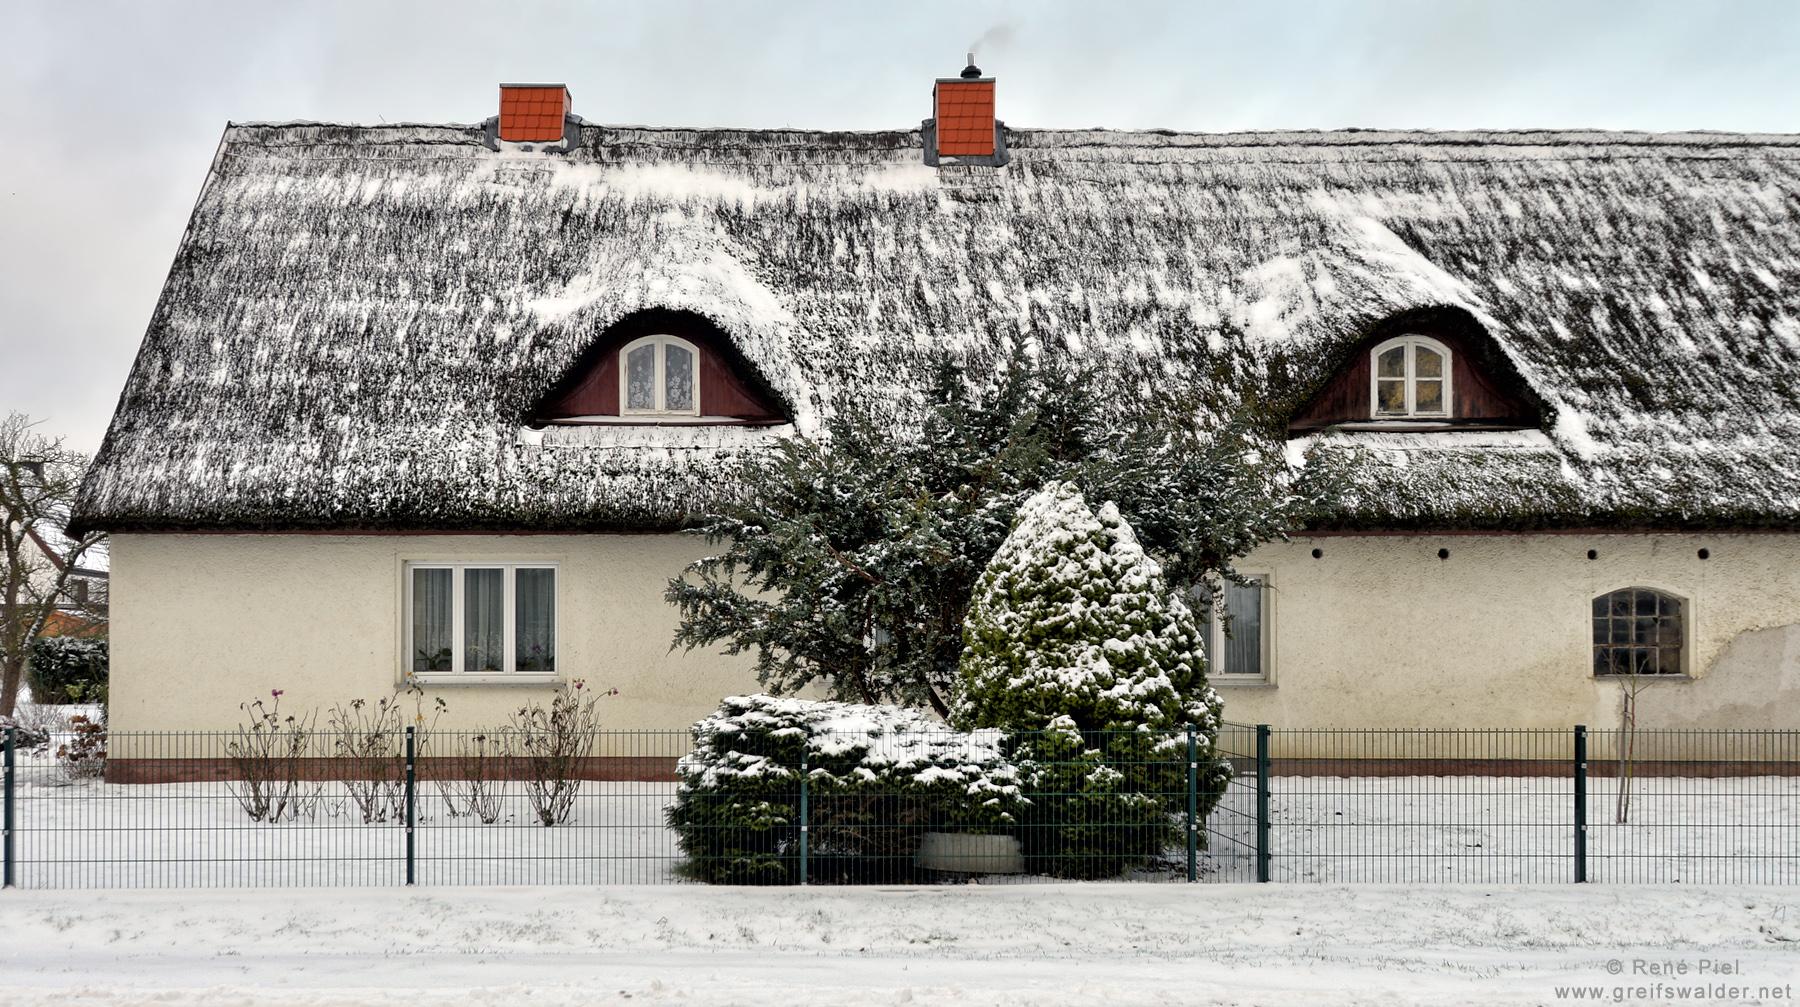 Haus im Schnee in Greifswald-Eldena